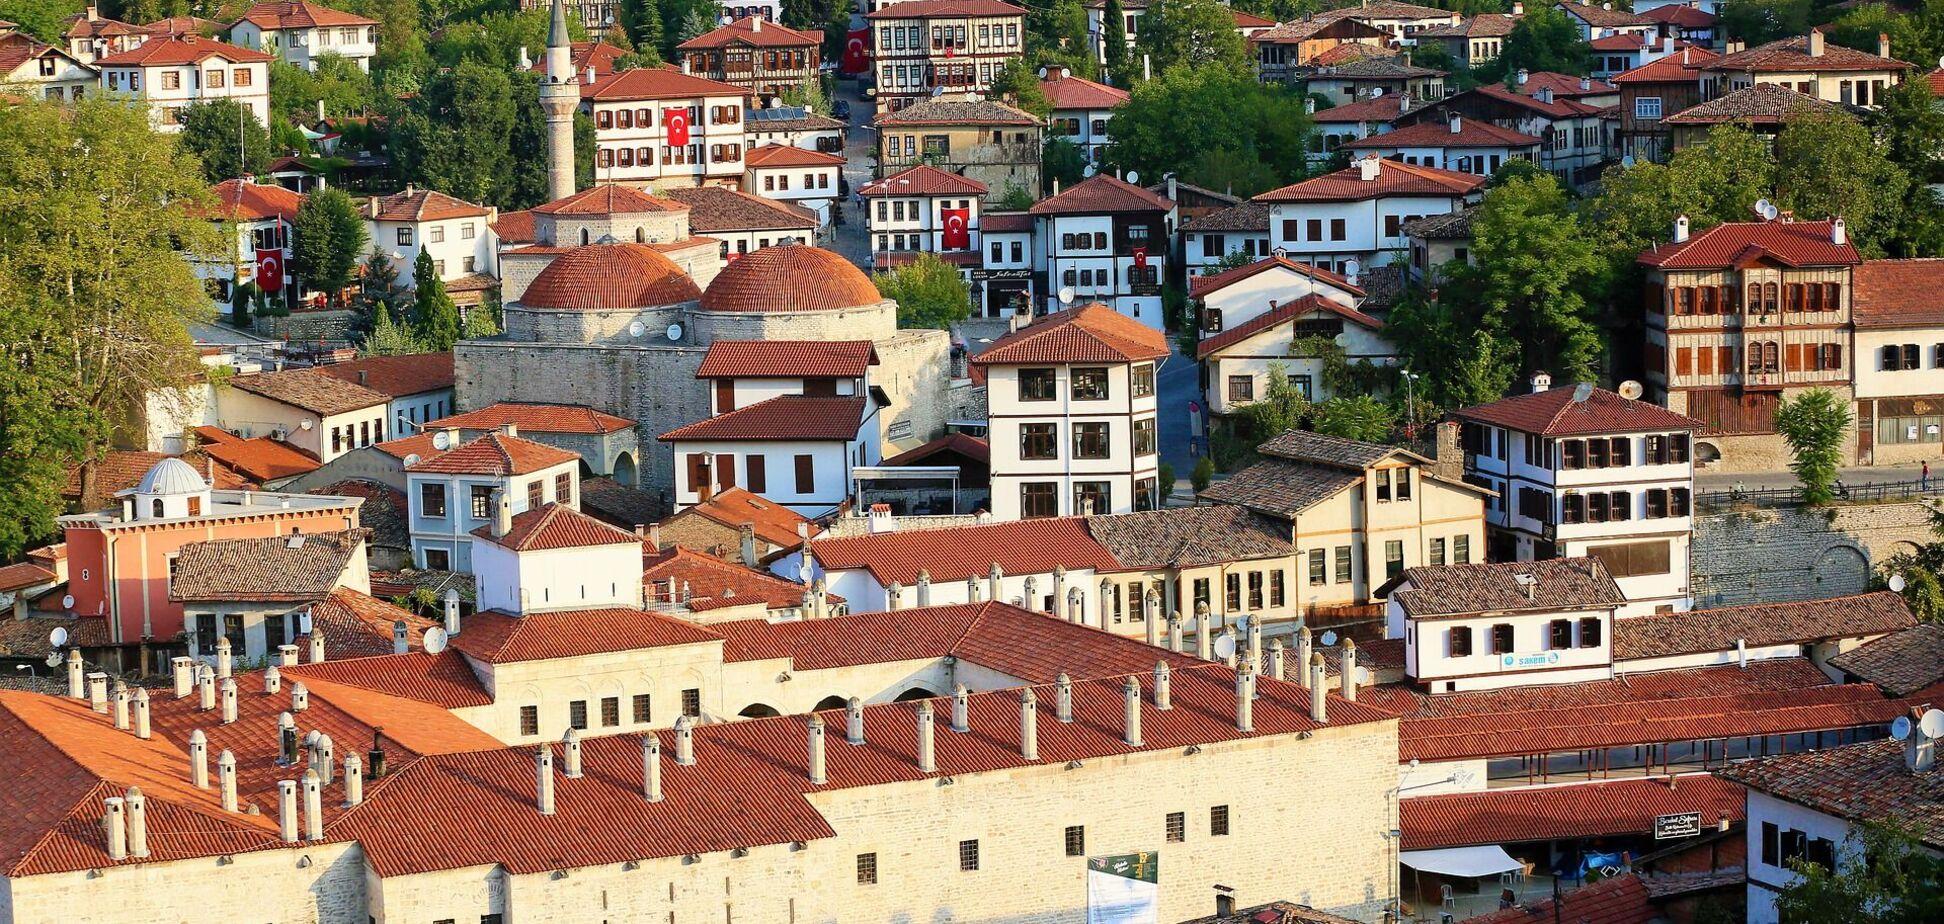 Украинцы скупают недвижимость за рубежом: назван список стран с лучшими ценами